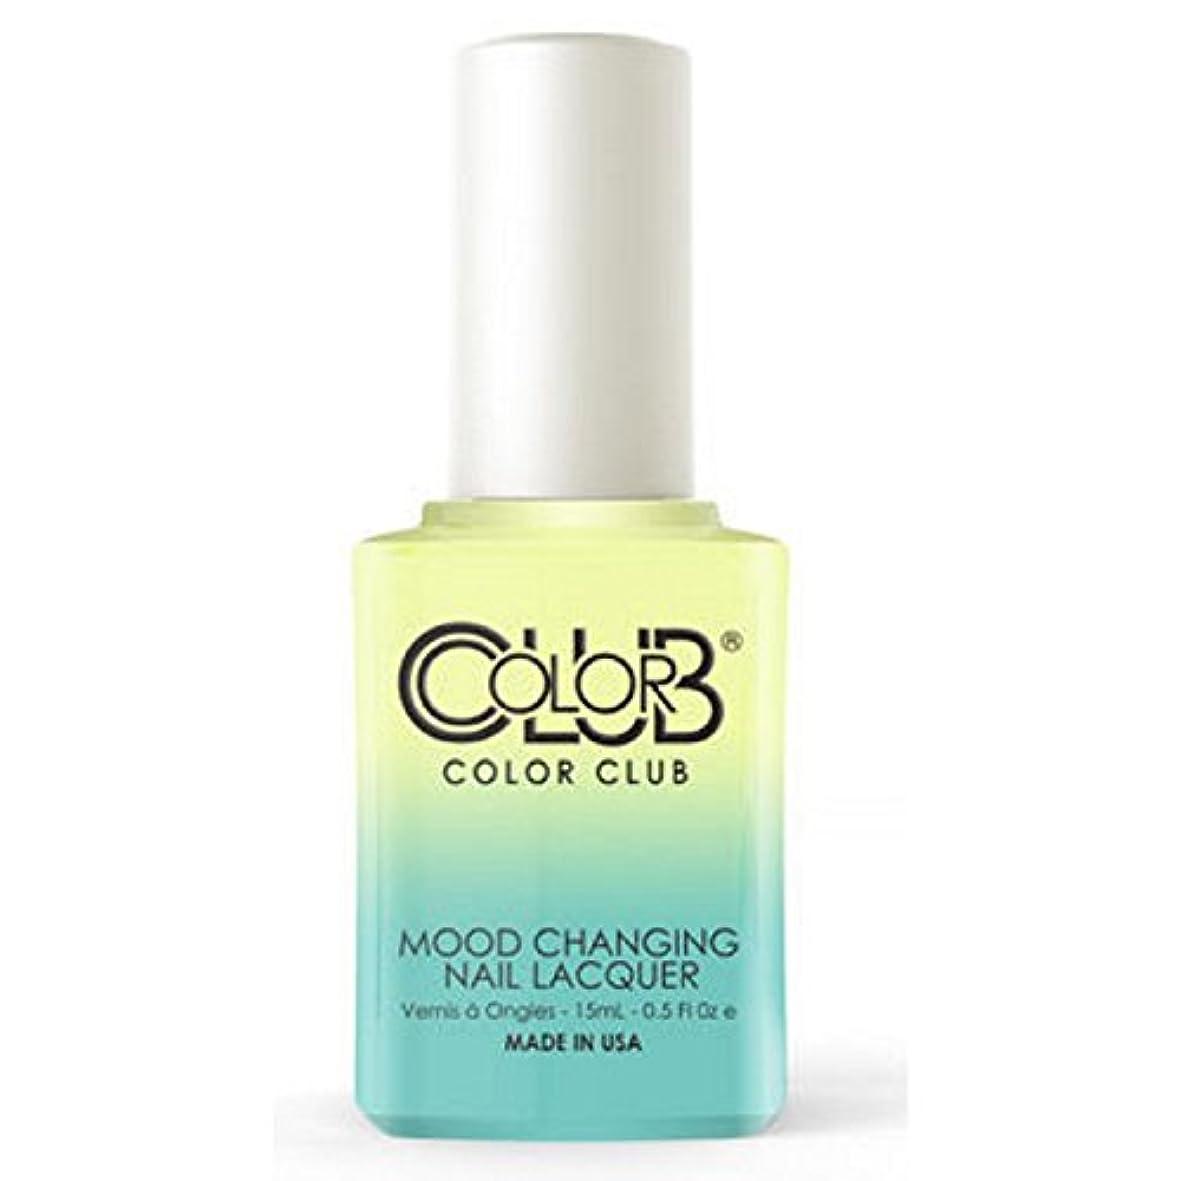 衛星に変わるバレーボールColor Club Mood Changing Nail Lacquer - Shine Theory - 15 mL / 0.5 fl oz